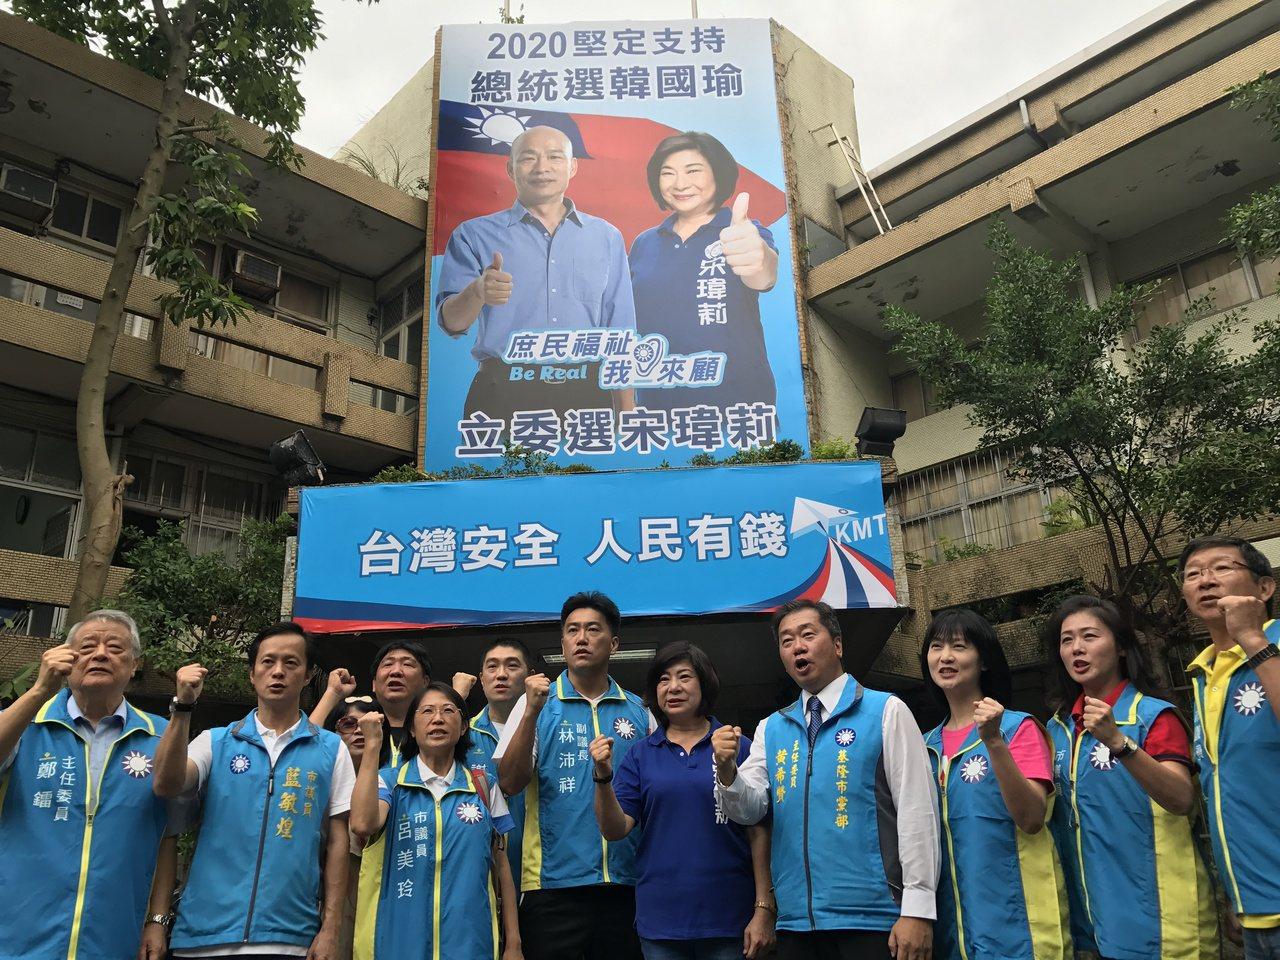 國民黨基隆立委提名人宋瑋莉和韓國瑜聯合看板,今天亮相,多位國民黨市議員現身相挺。...